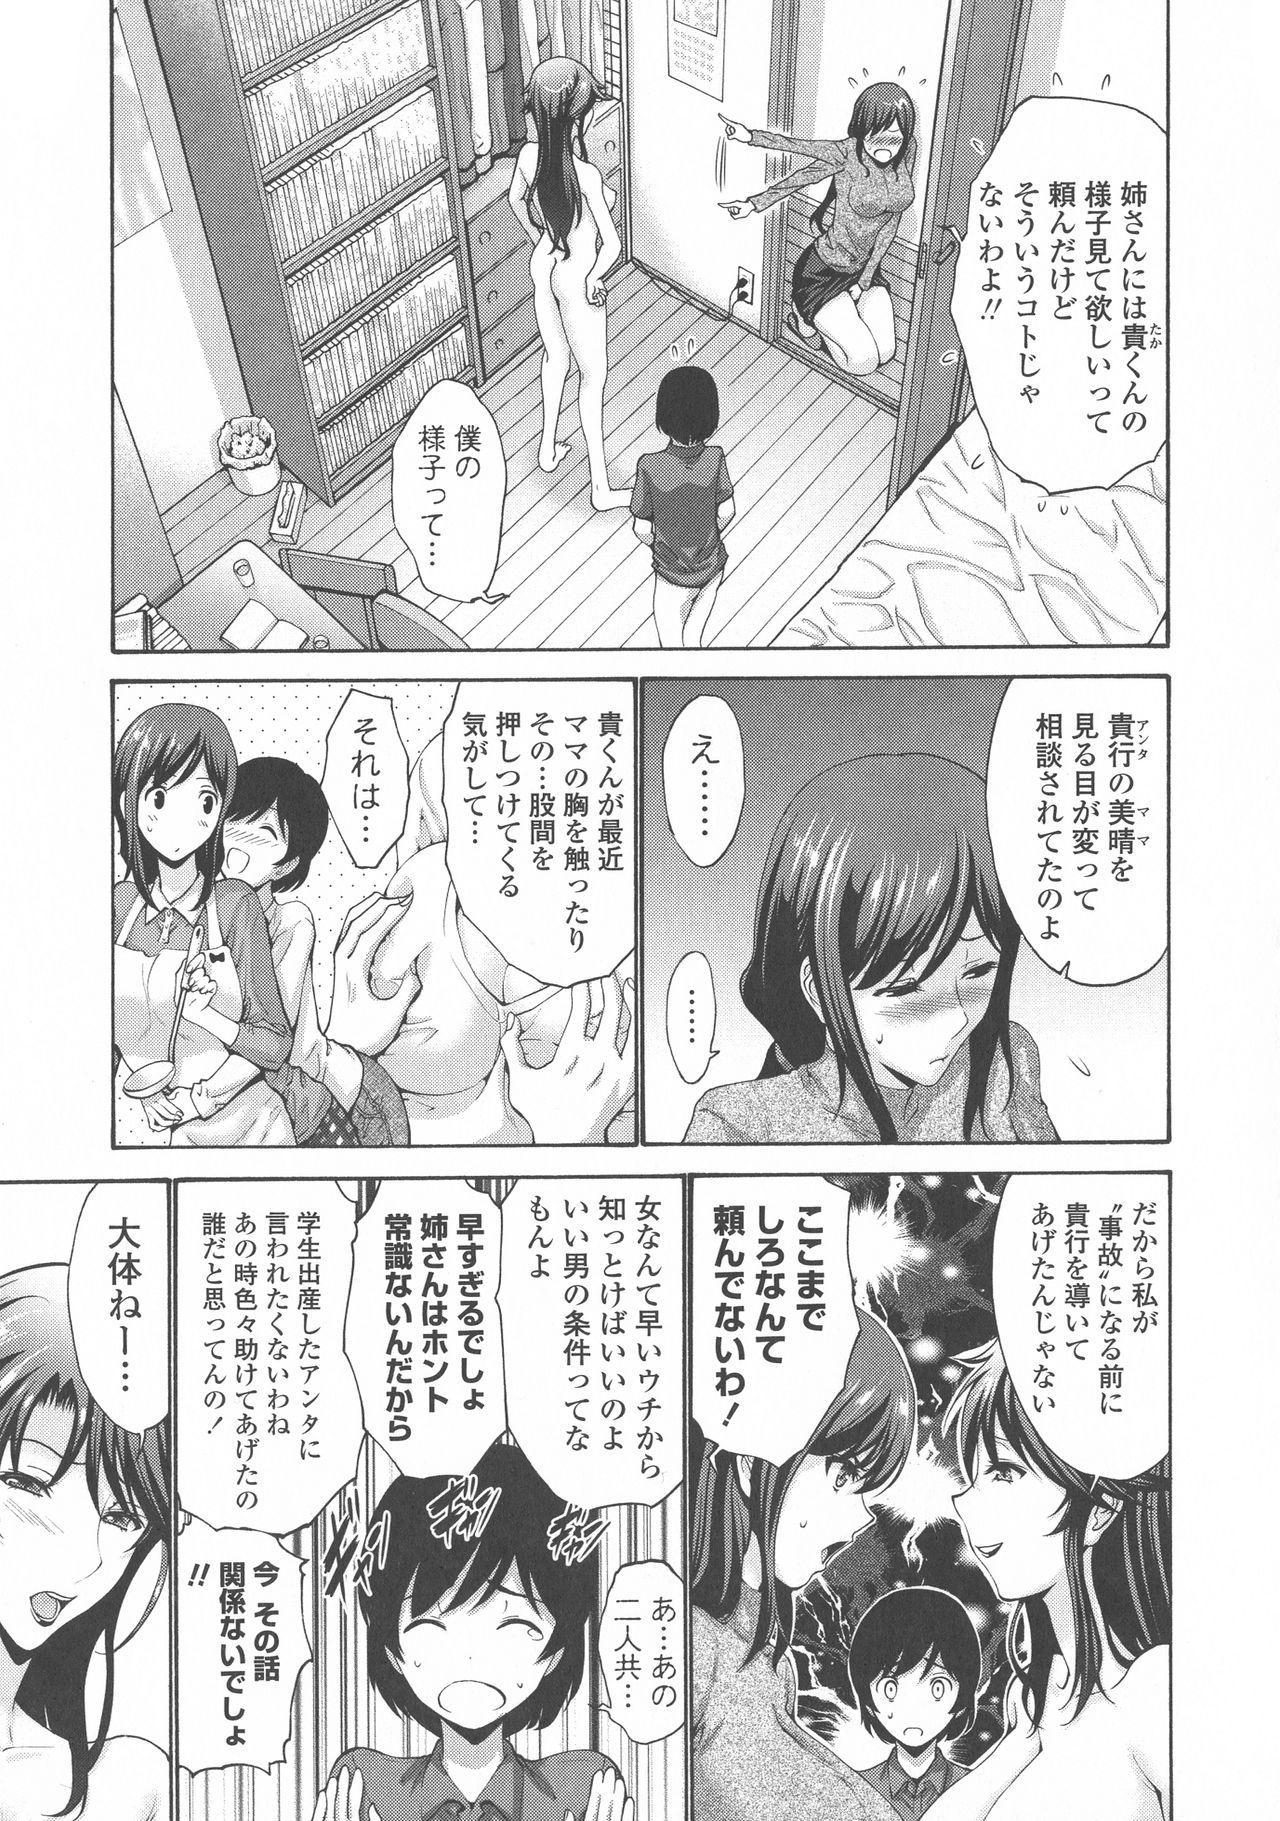 Tomodachi no Haha wa Boku no Mono - His Mother is My Love Hole 129